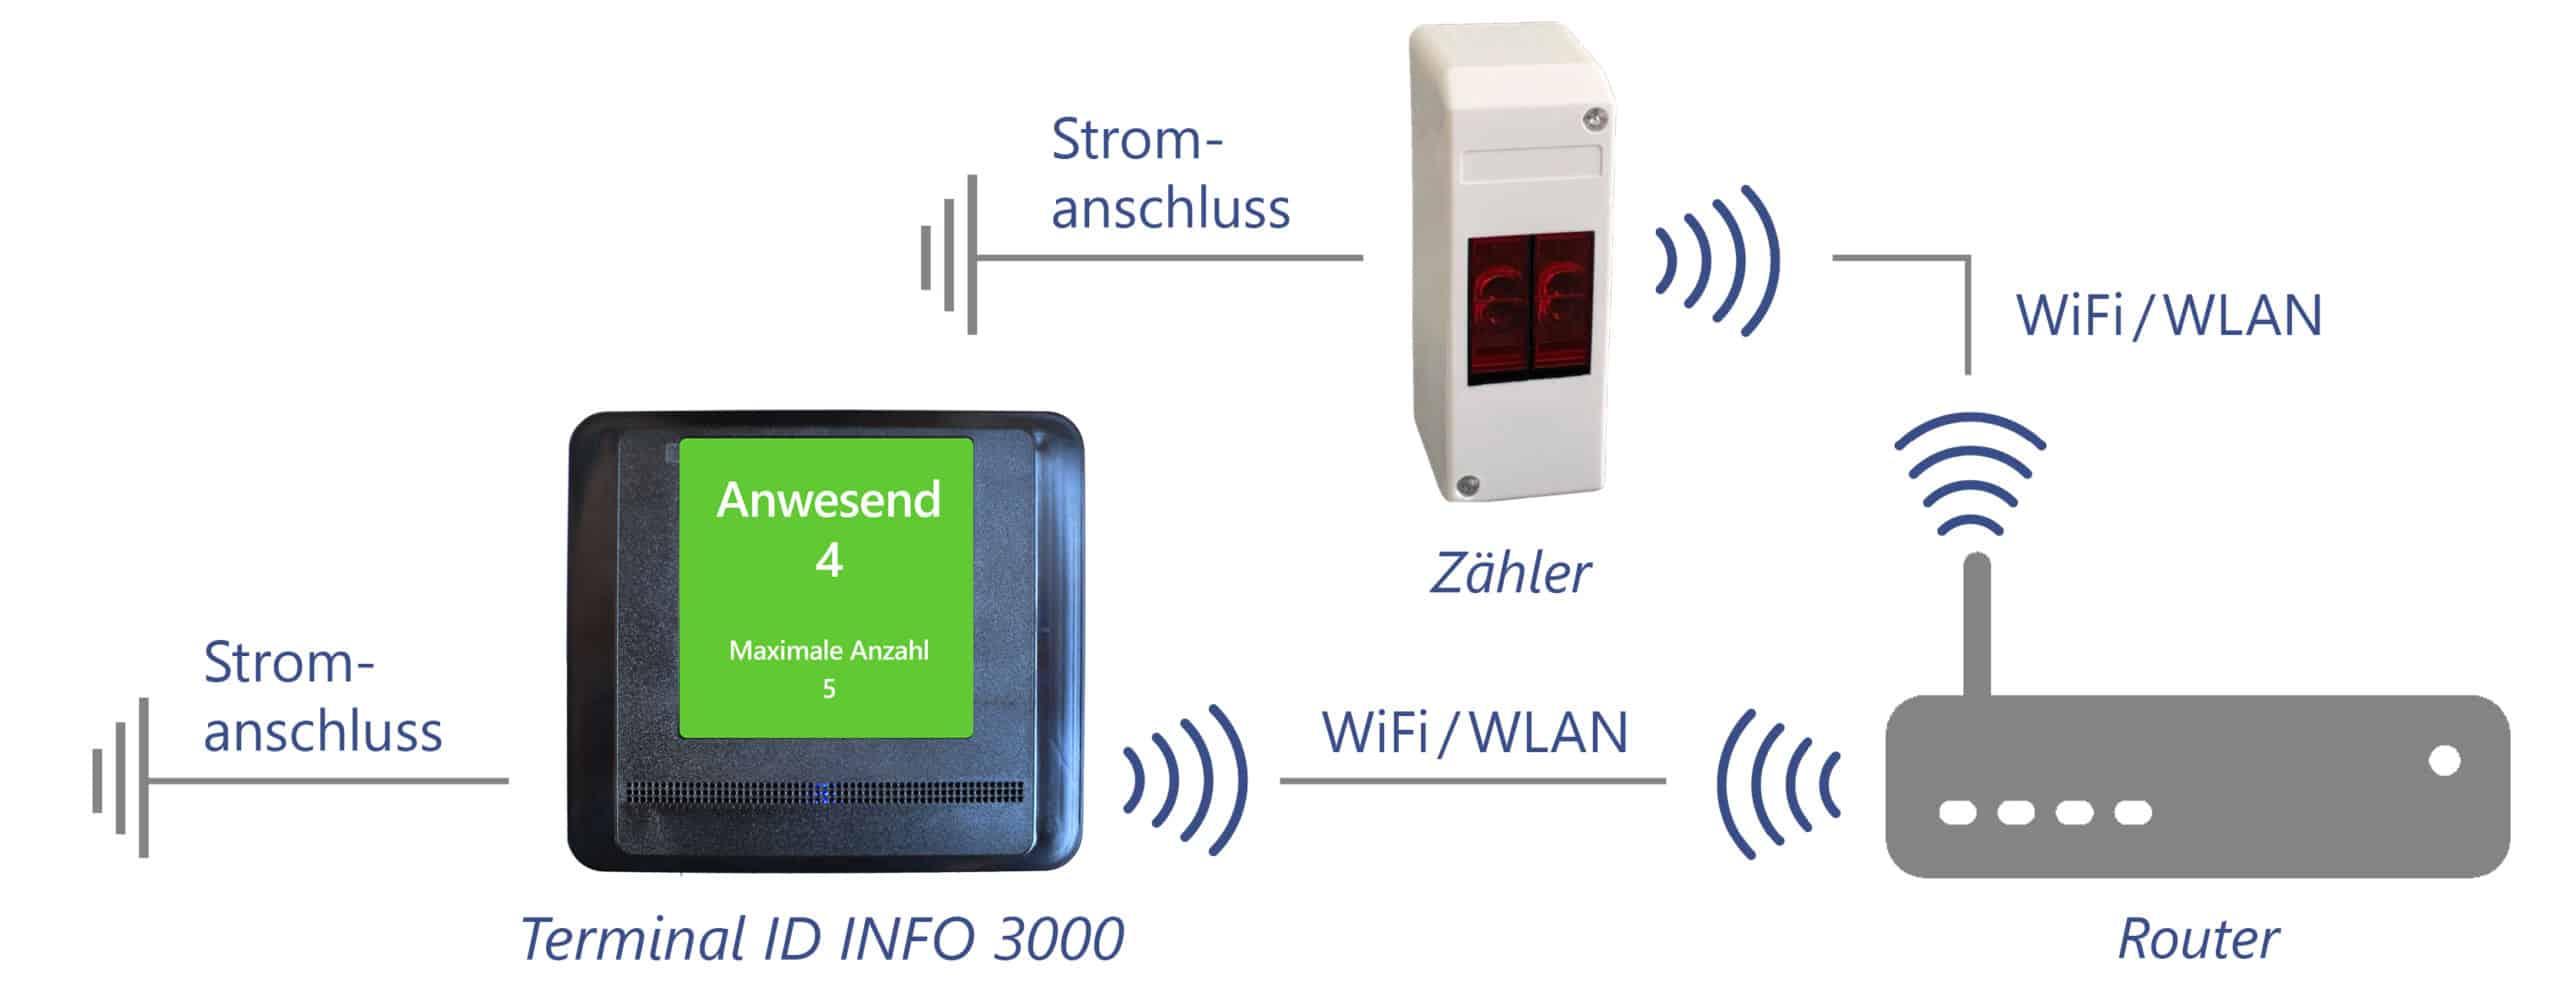 Personenzähler und Terminal kommunizieren via WLAN / WiFi